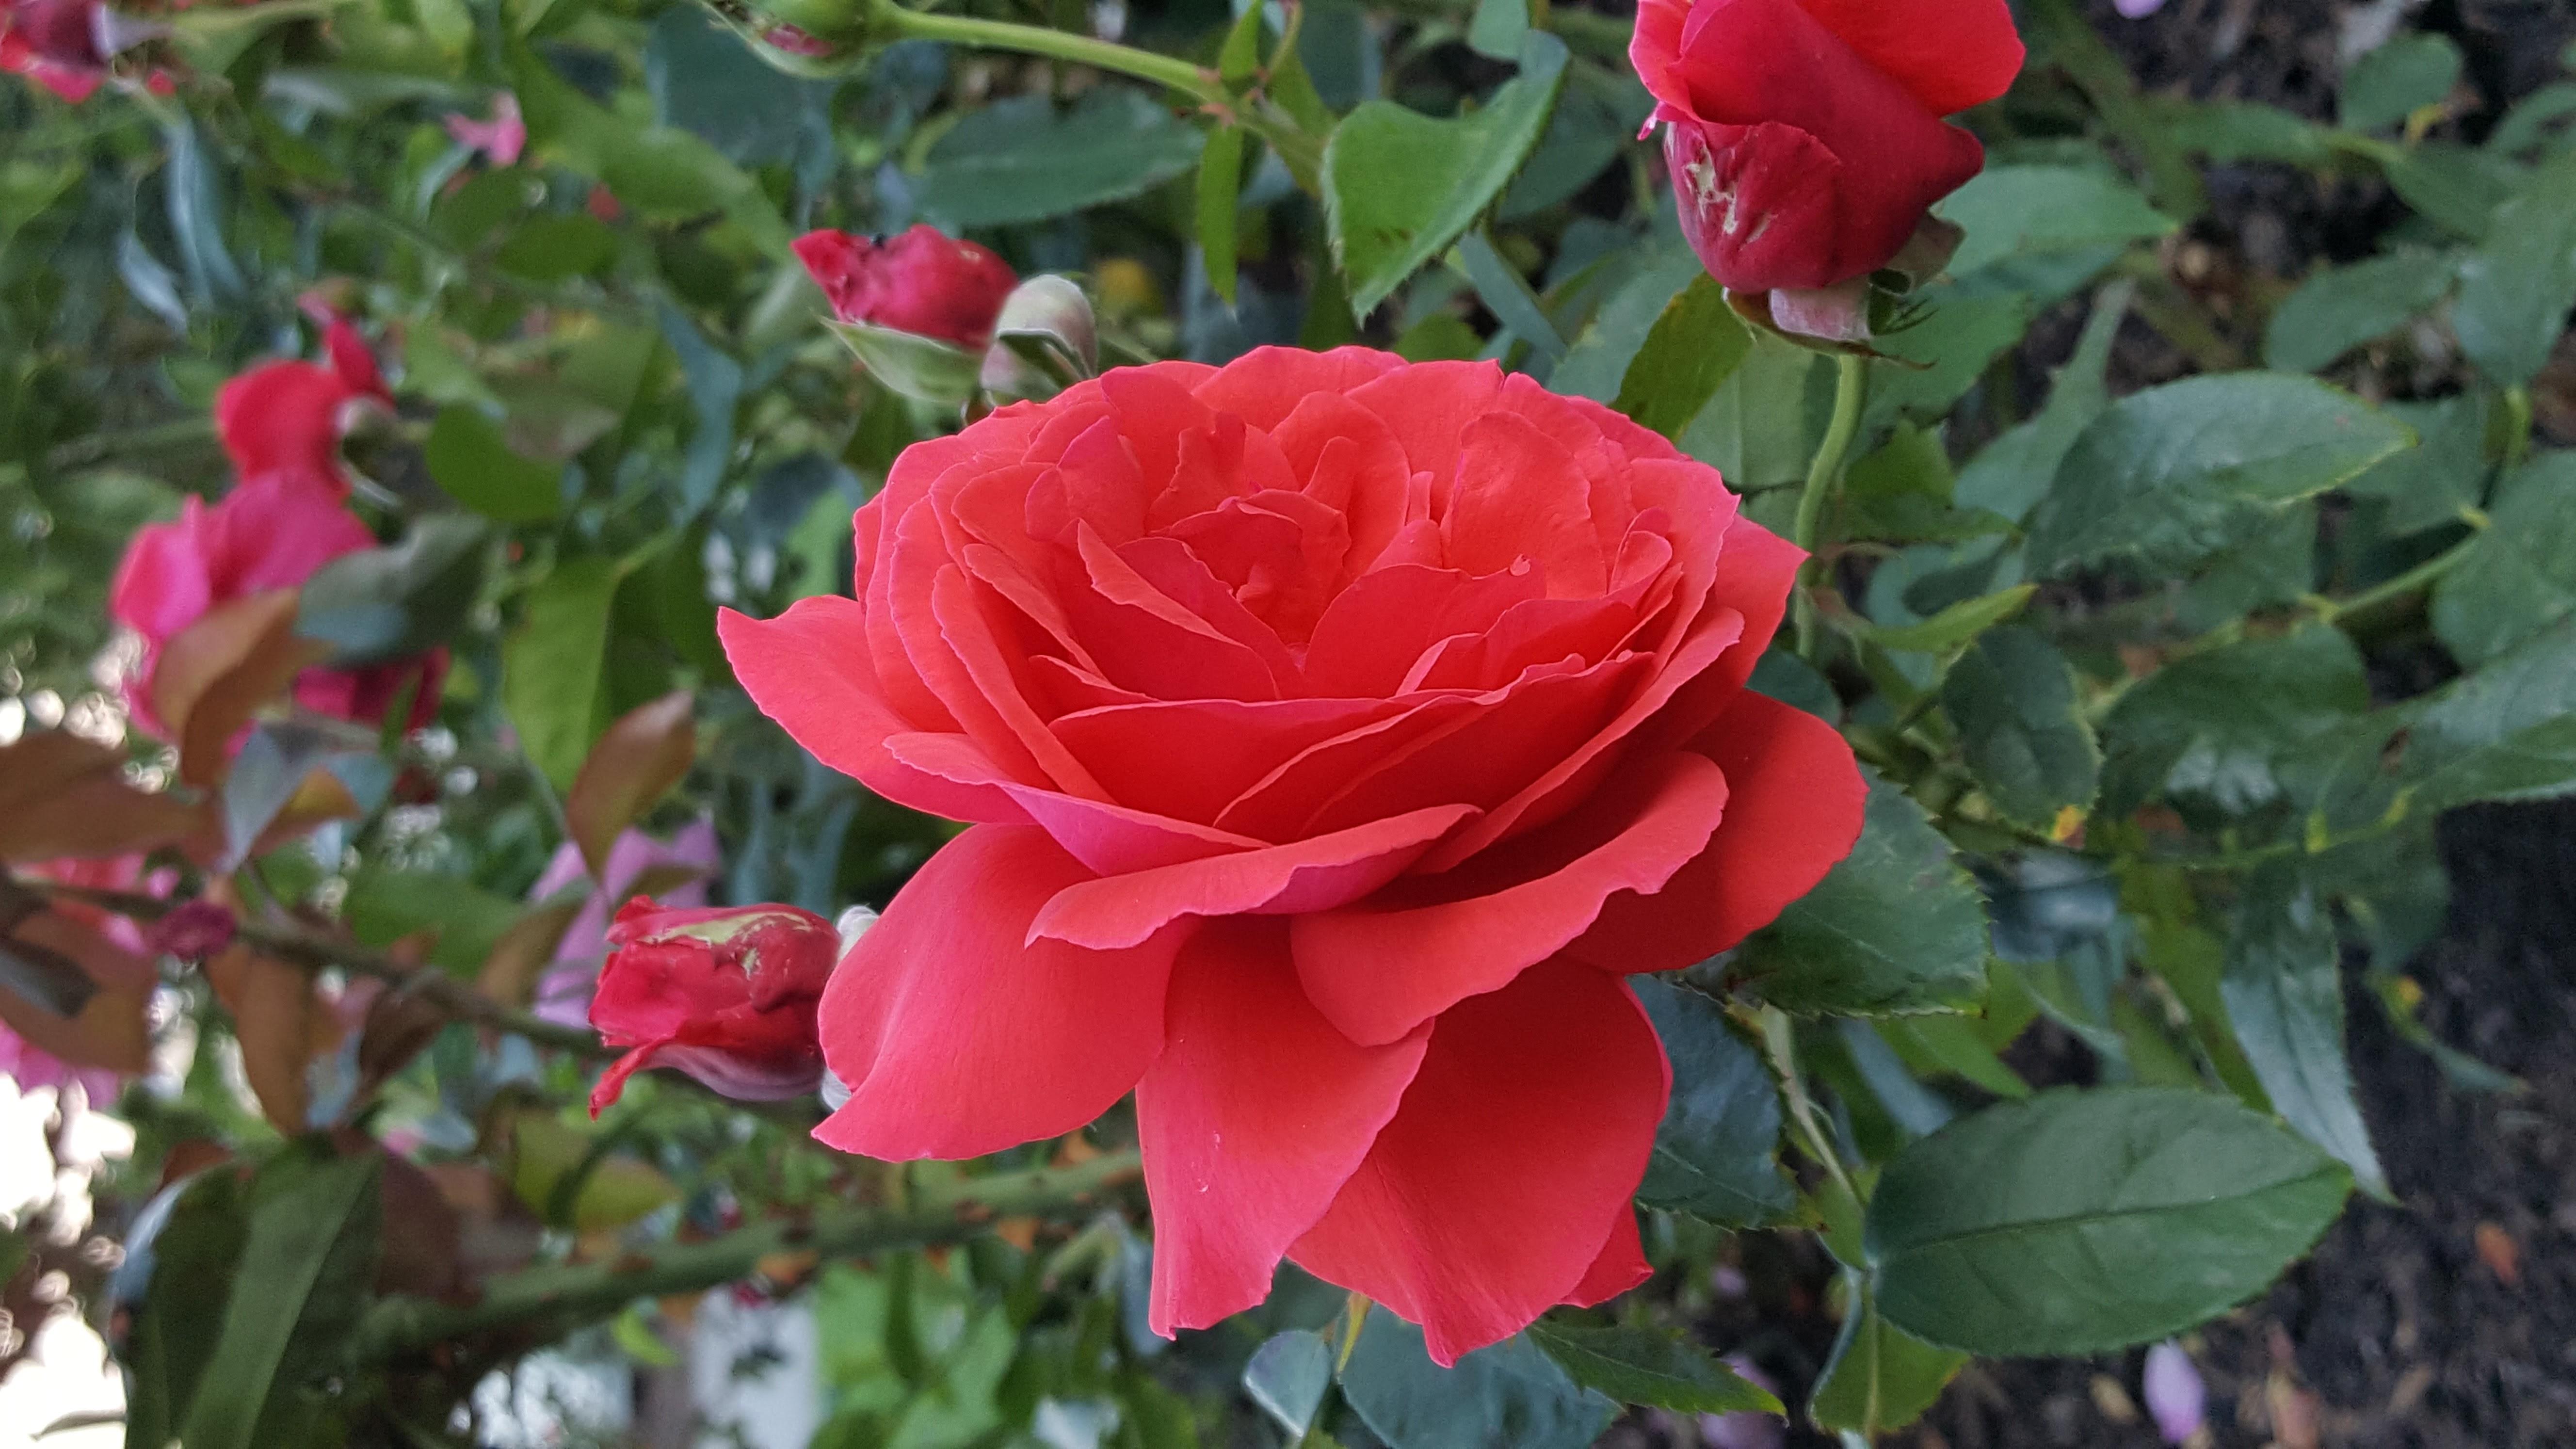 Free Images Red Rose Flower Rose Family Garden Roses